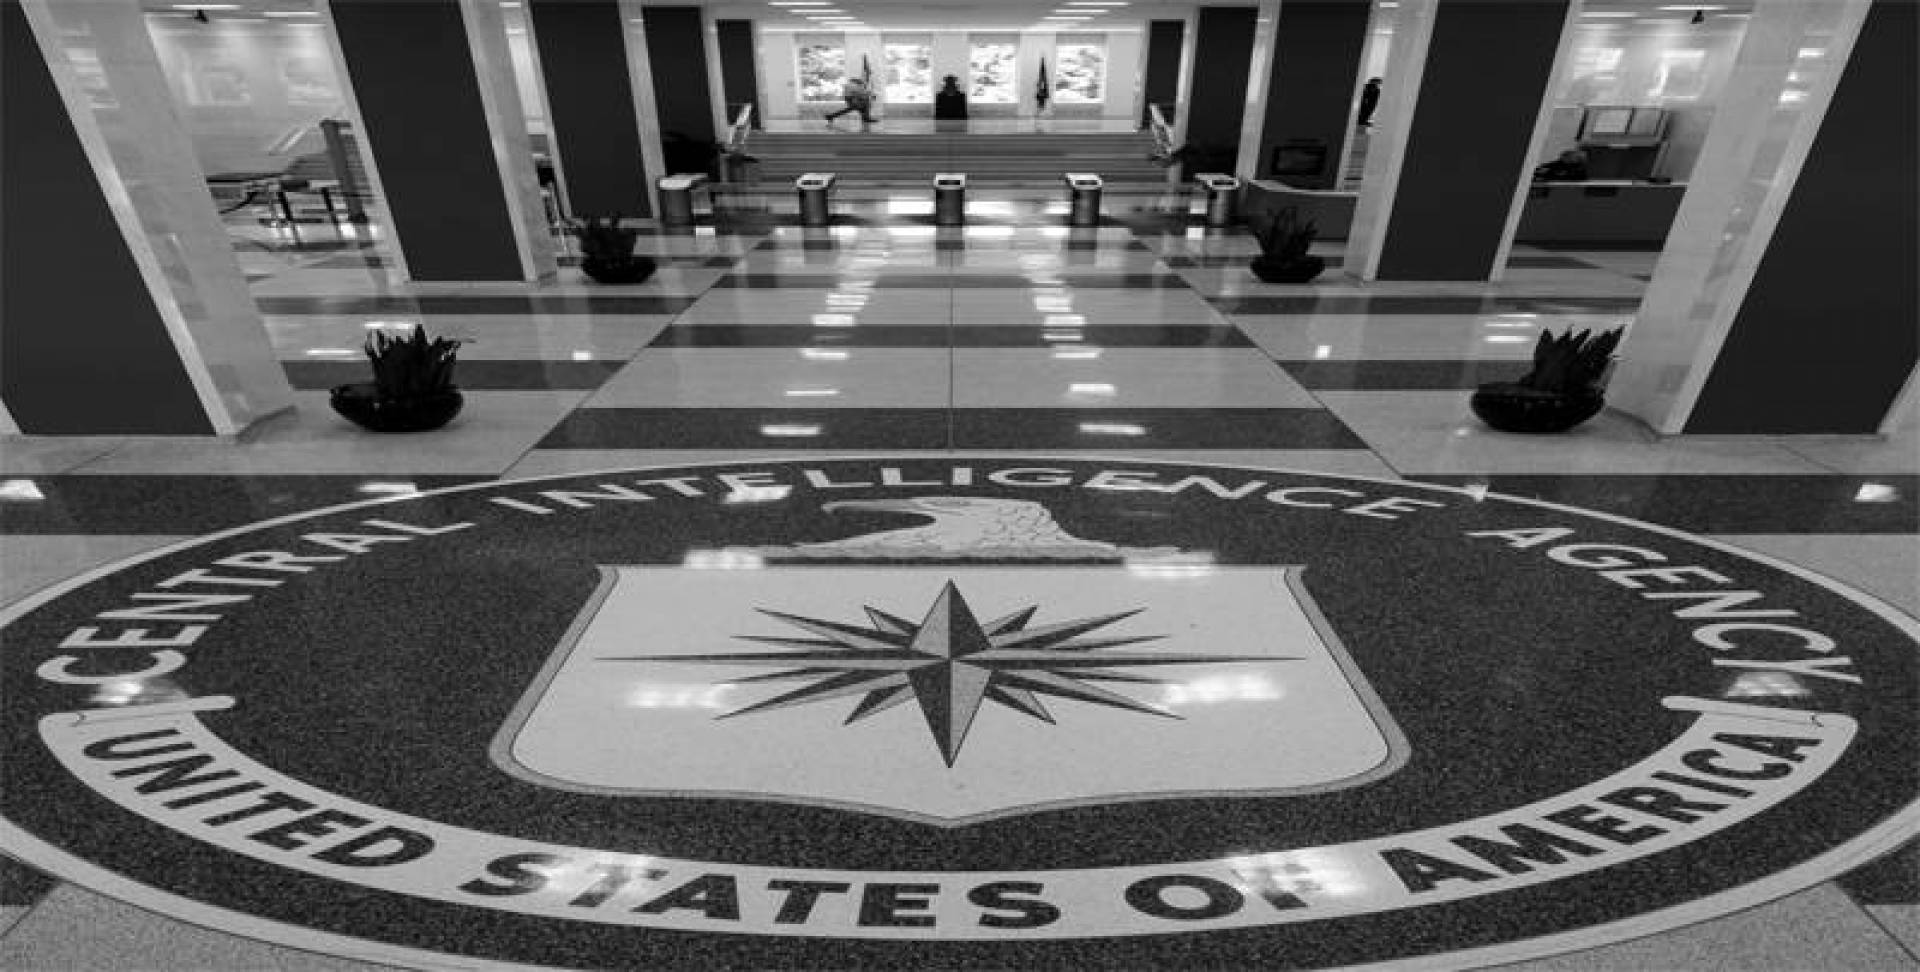 مدخل مبنى المخابرات الأميركية.. أرشيفية